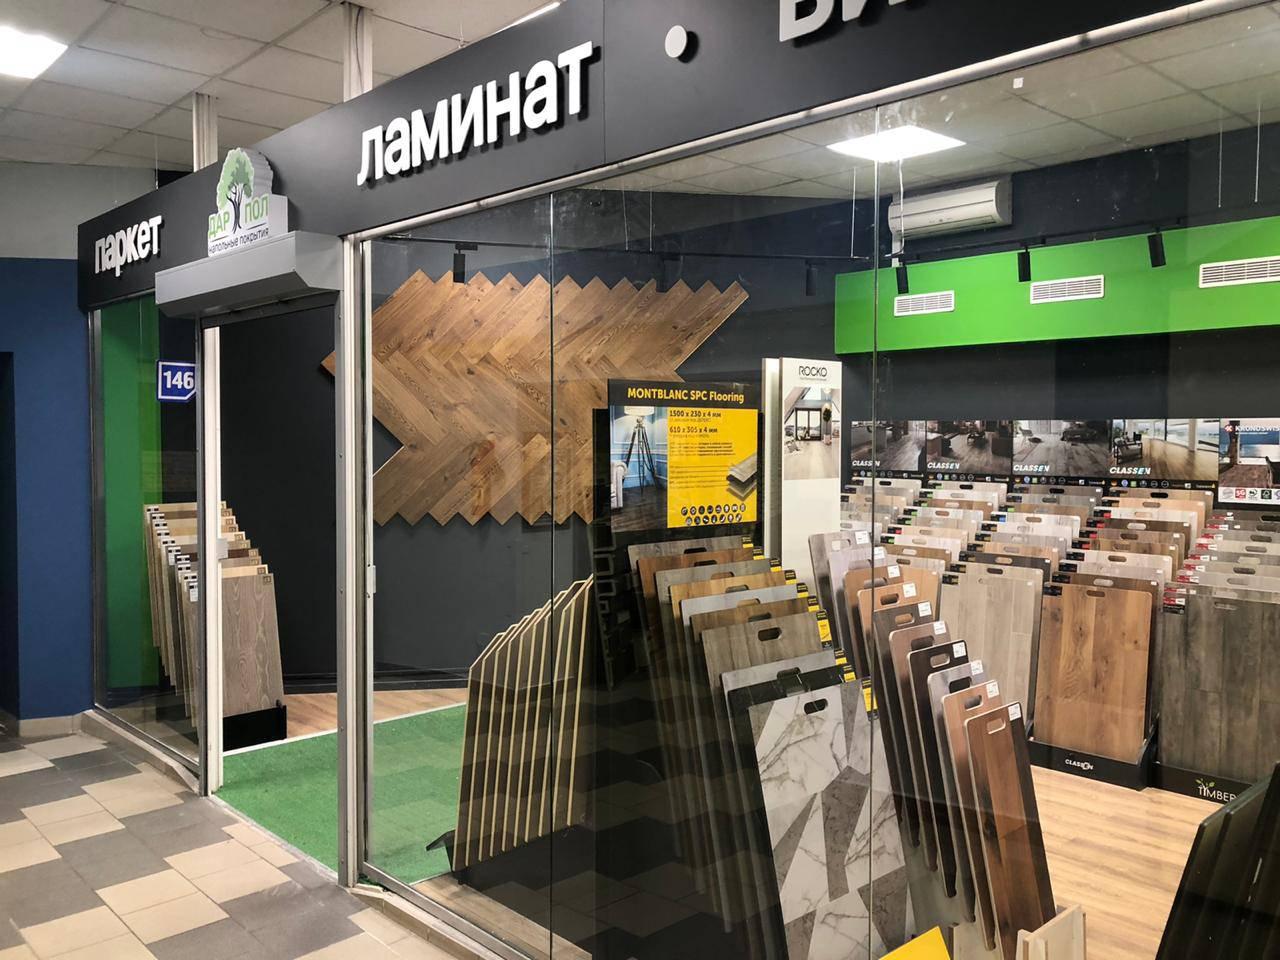 Открытие нового магазина-партнера Дар Пол в г. Санкт-Петербург